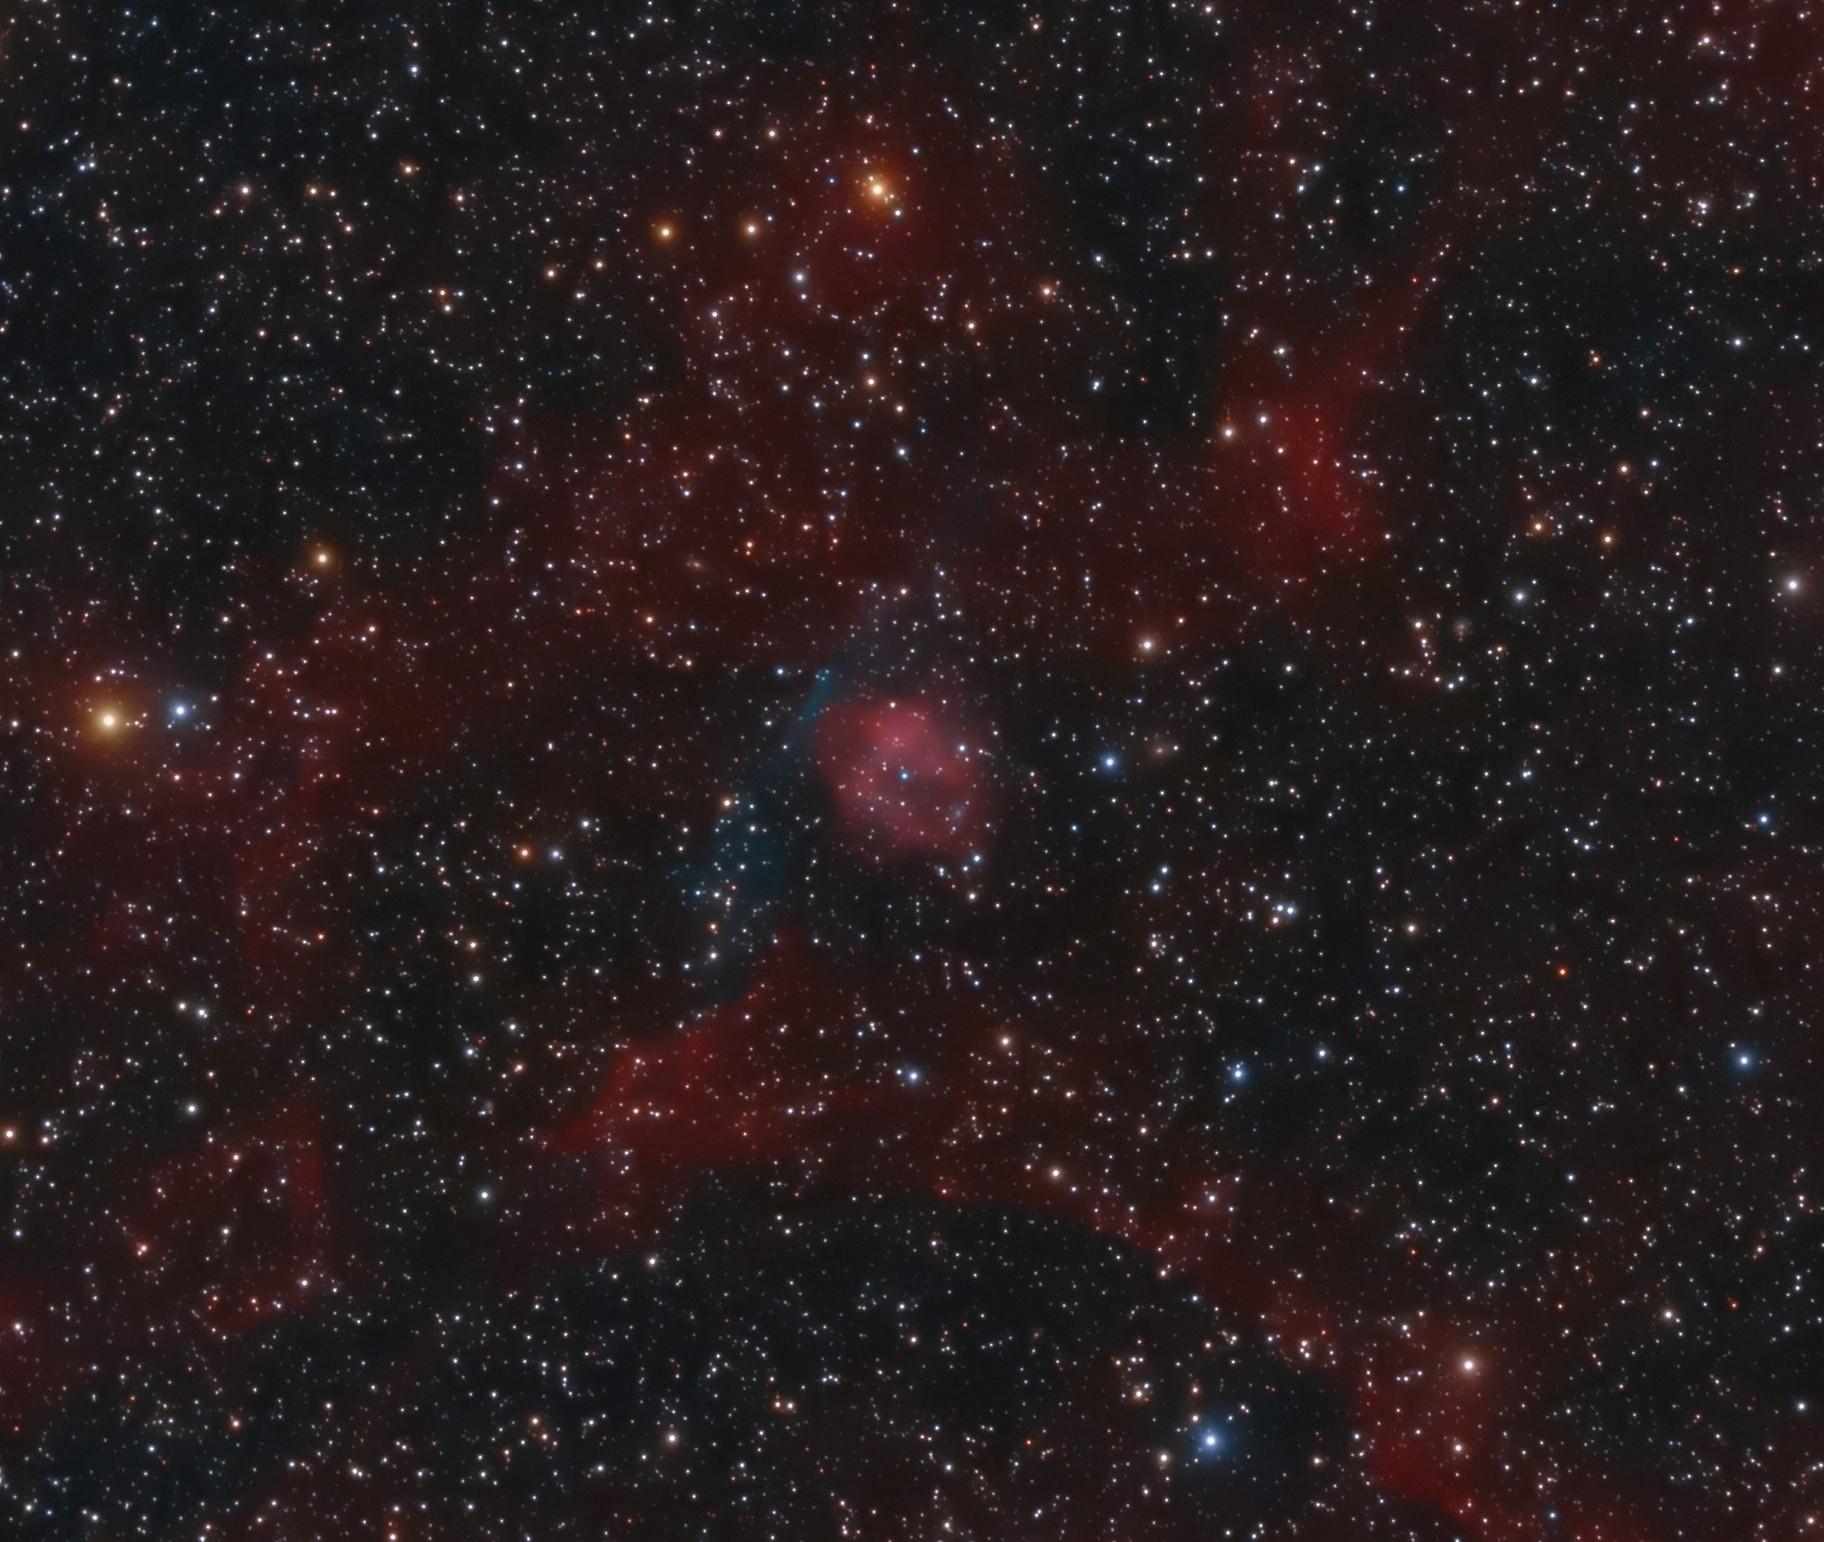 Planetary nebula AMU 1 (PN G075.9+11.6)